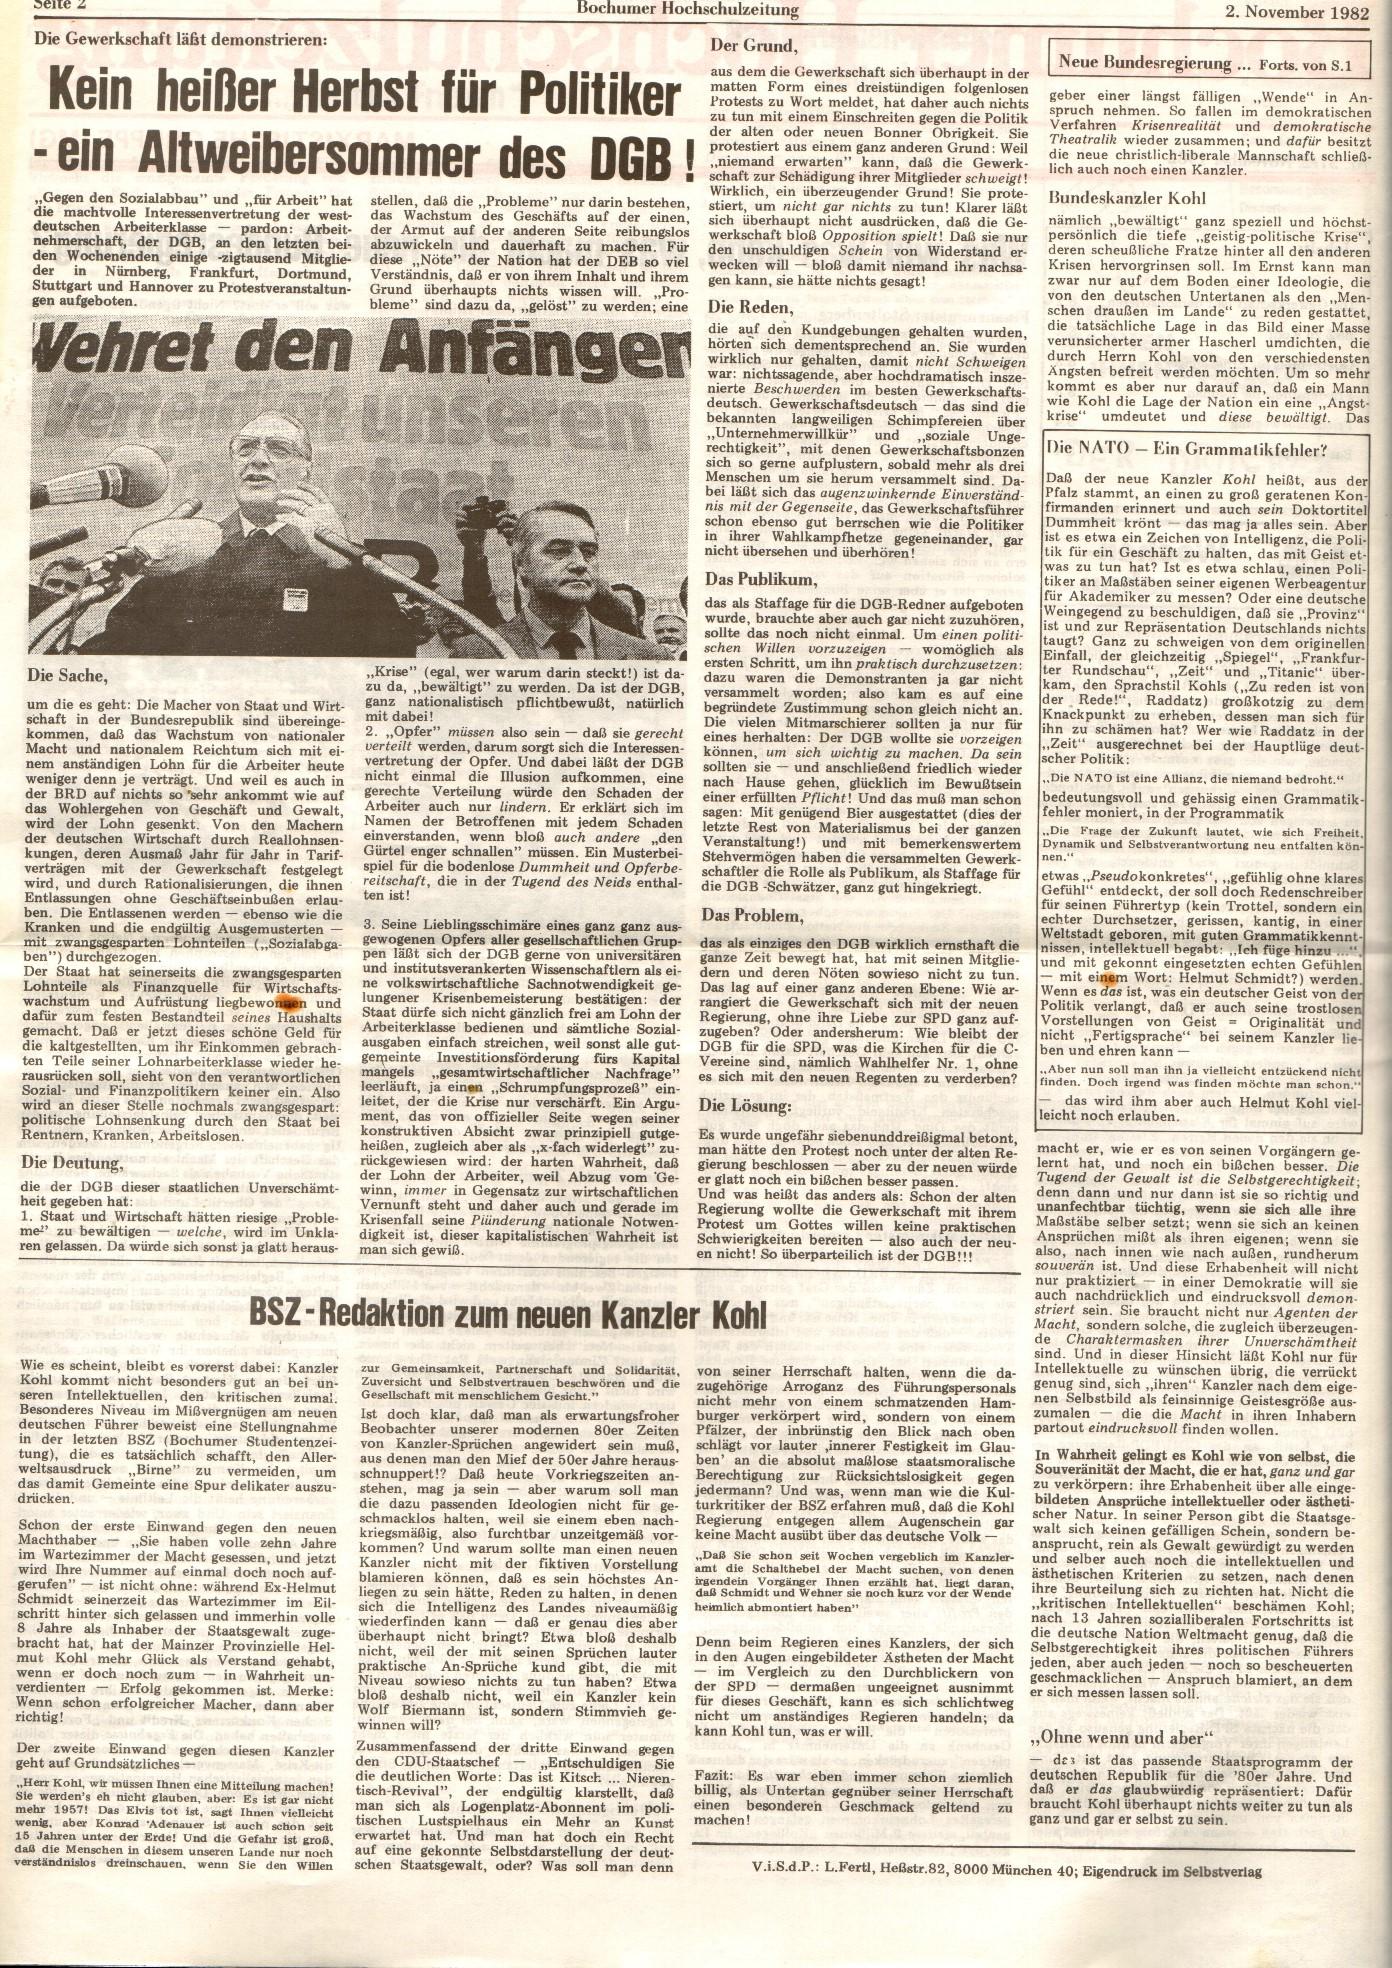 MG_Bochumer_Hochschulzeitung_19821102_02